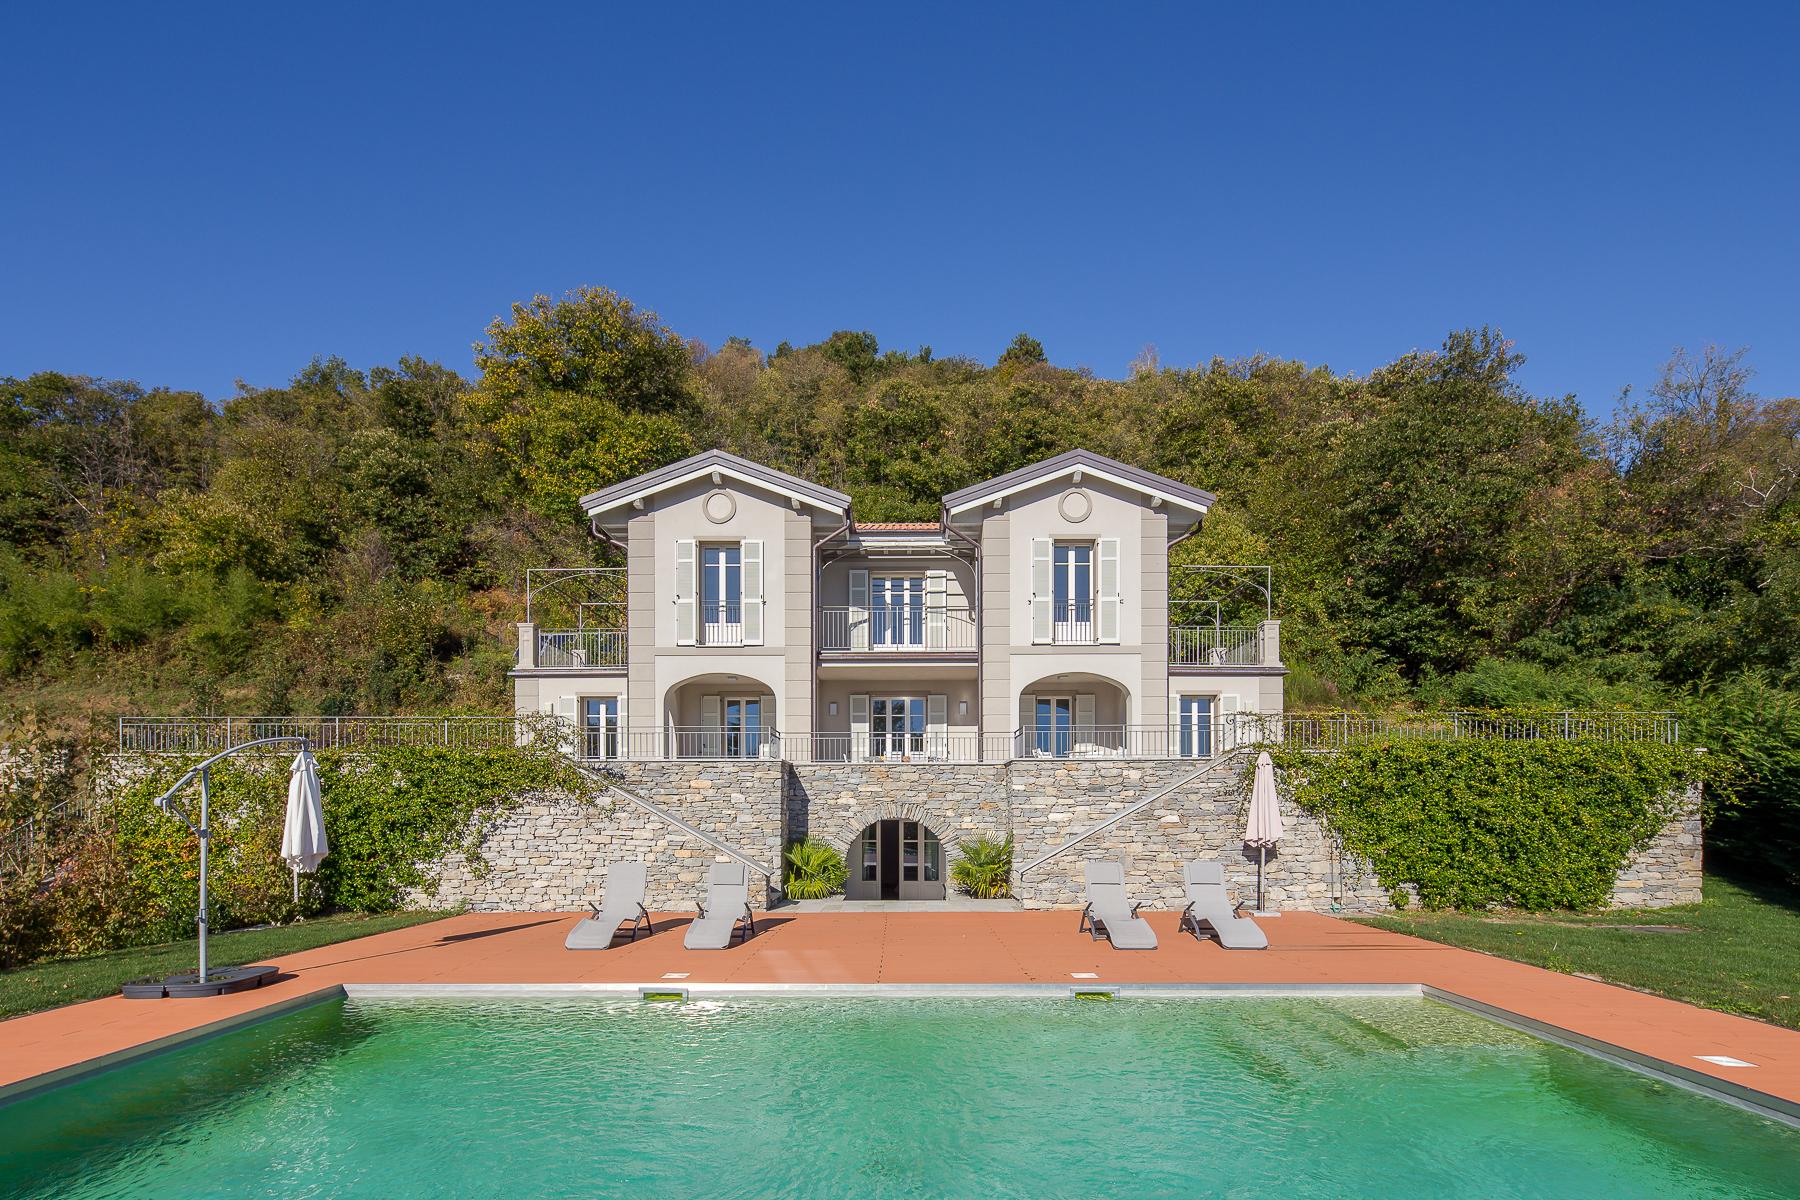 Property for Sale at Elegant villa with views over lake Maggiore Verbania, Verbano Cusio Ossola Italy